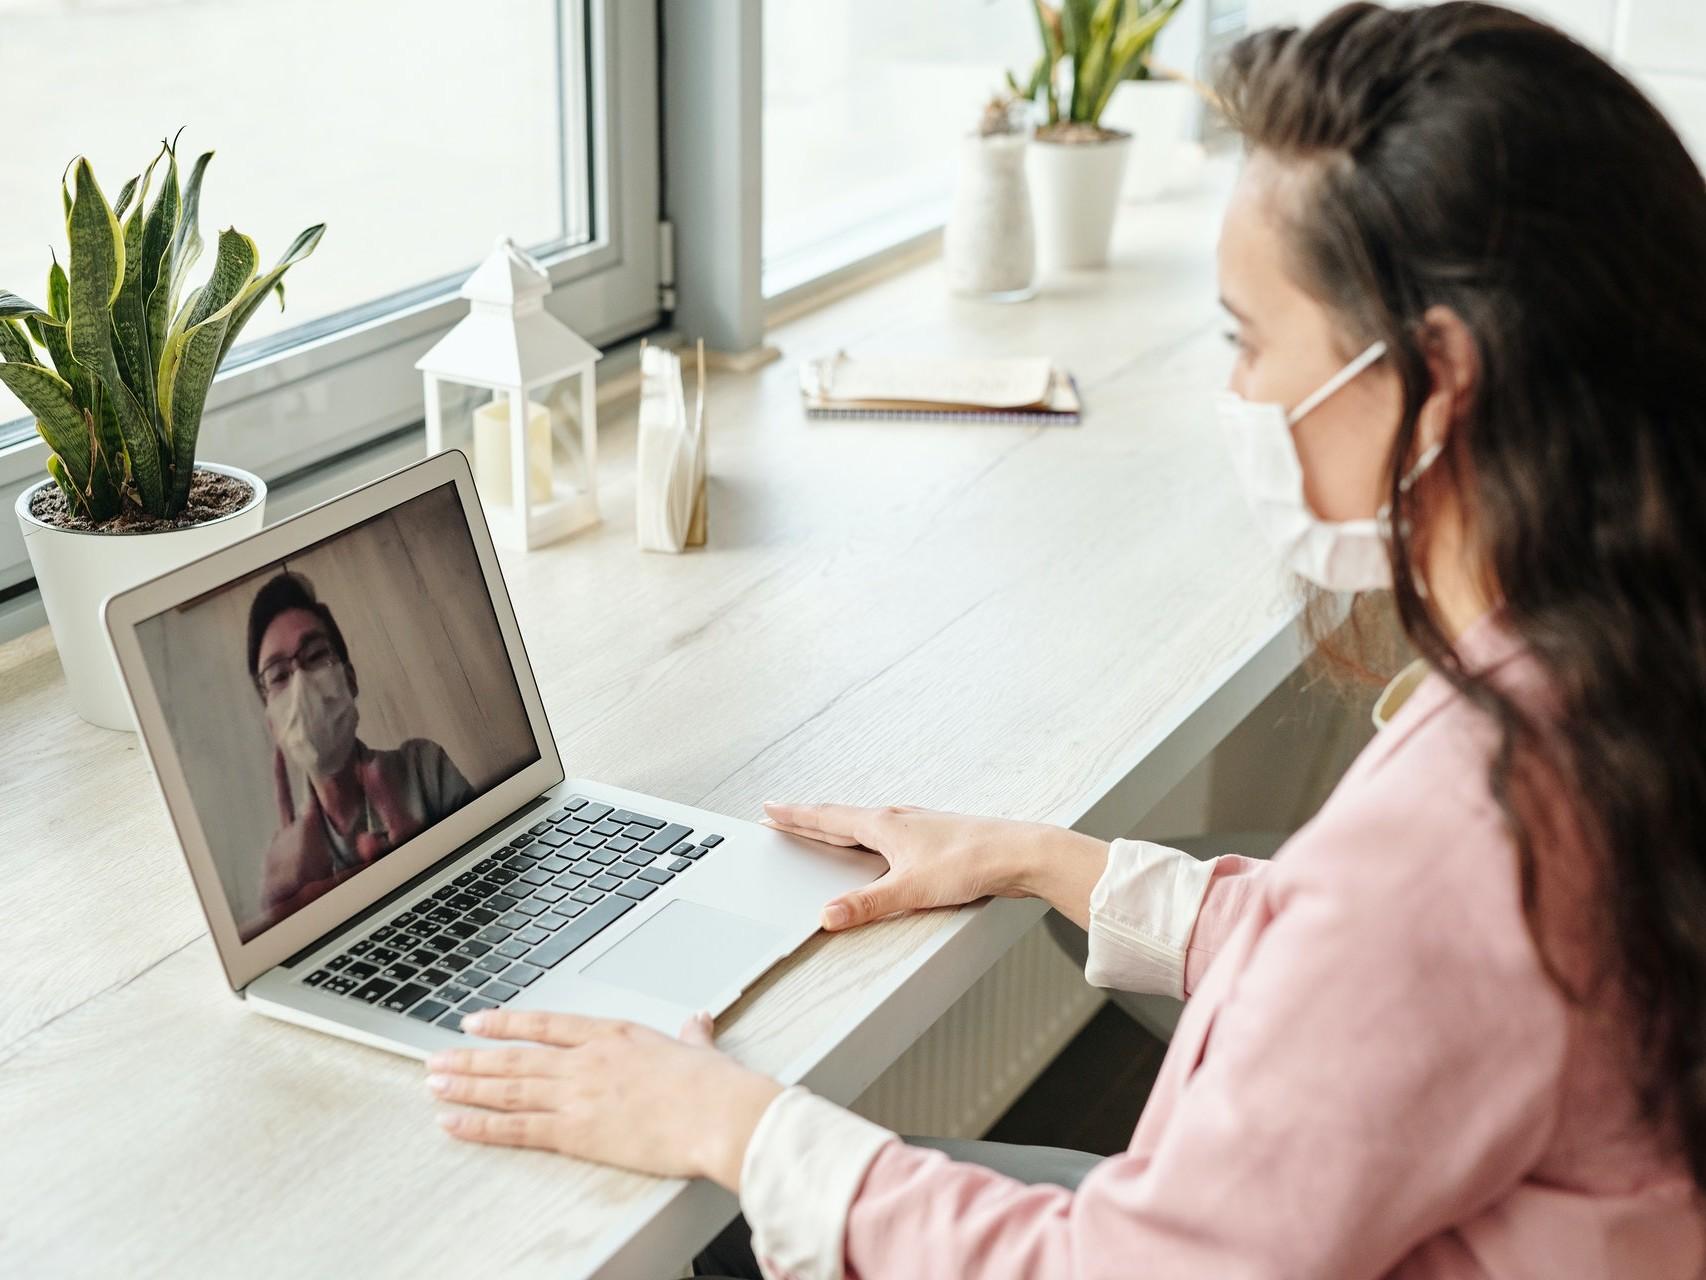 Frau mit Mundschutz sitzt am Laptop und hat eine Videosprechstunde mit einem Mann mit Mundschutz.